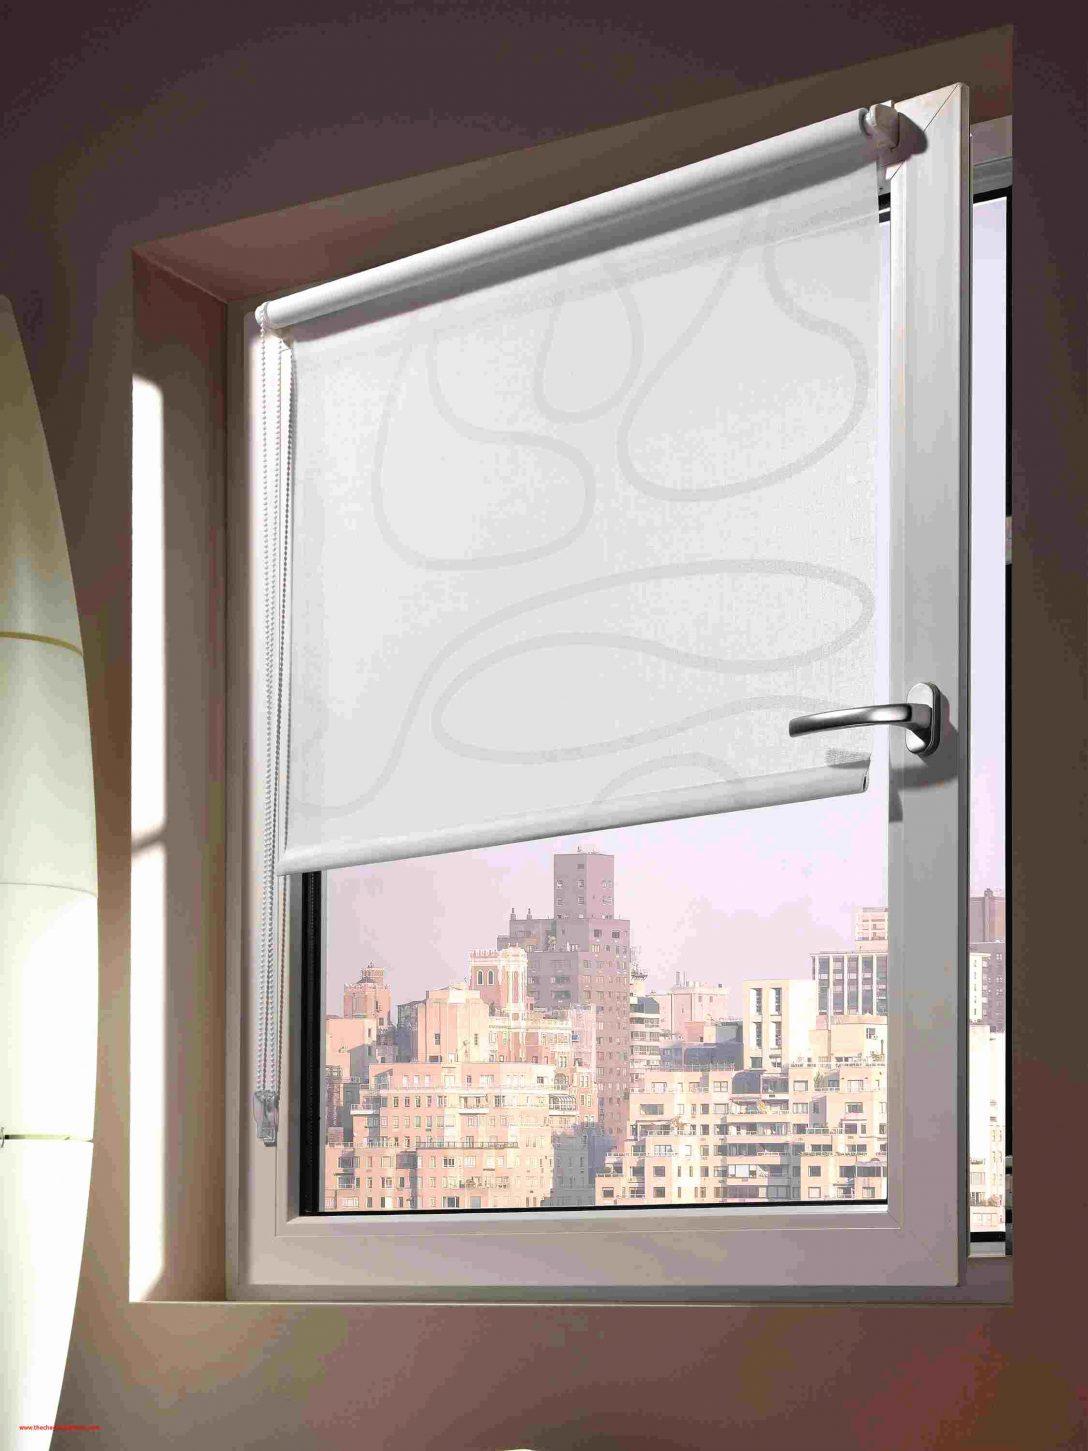 Large Size of Sonnenschutzfolie Fenster Innen Obi Entfernen Selbsthaftend Oder Aussen Baumarkt Doppelverglasung Hitzeschutzfolie Anbringen Montage Test Austauschen Kosten Fenster Sonnenschutzfolie Fenster Innen